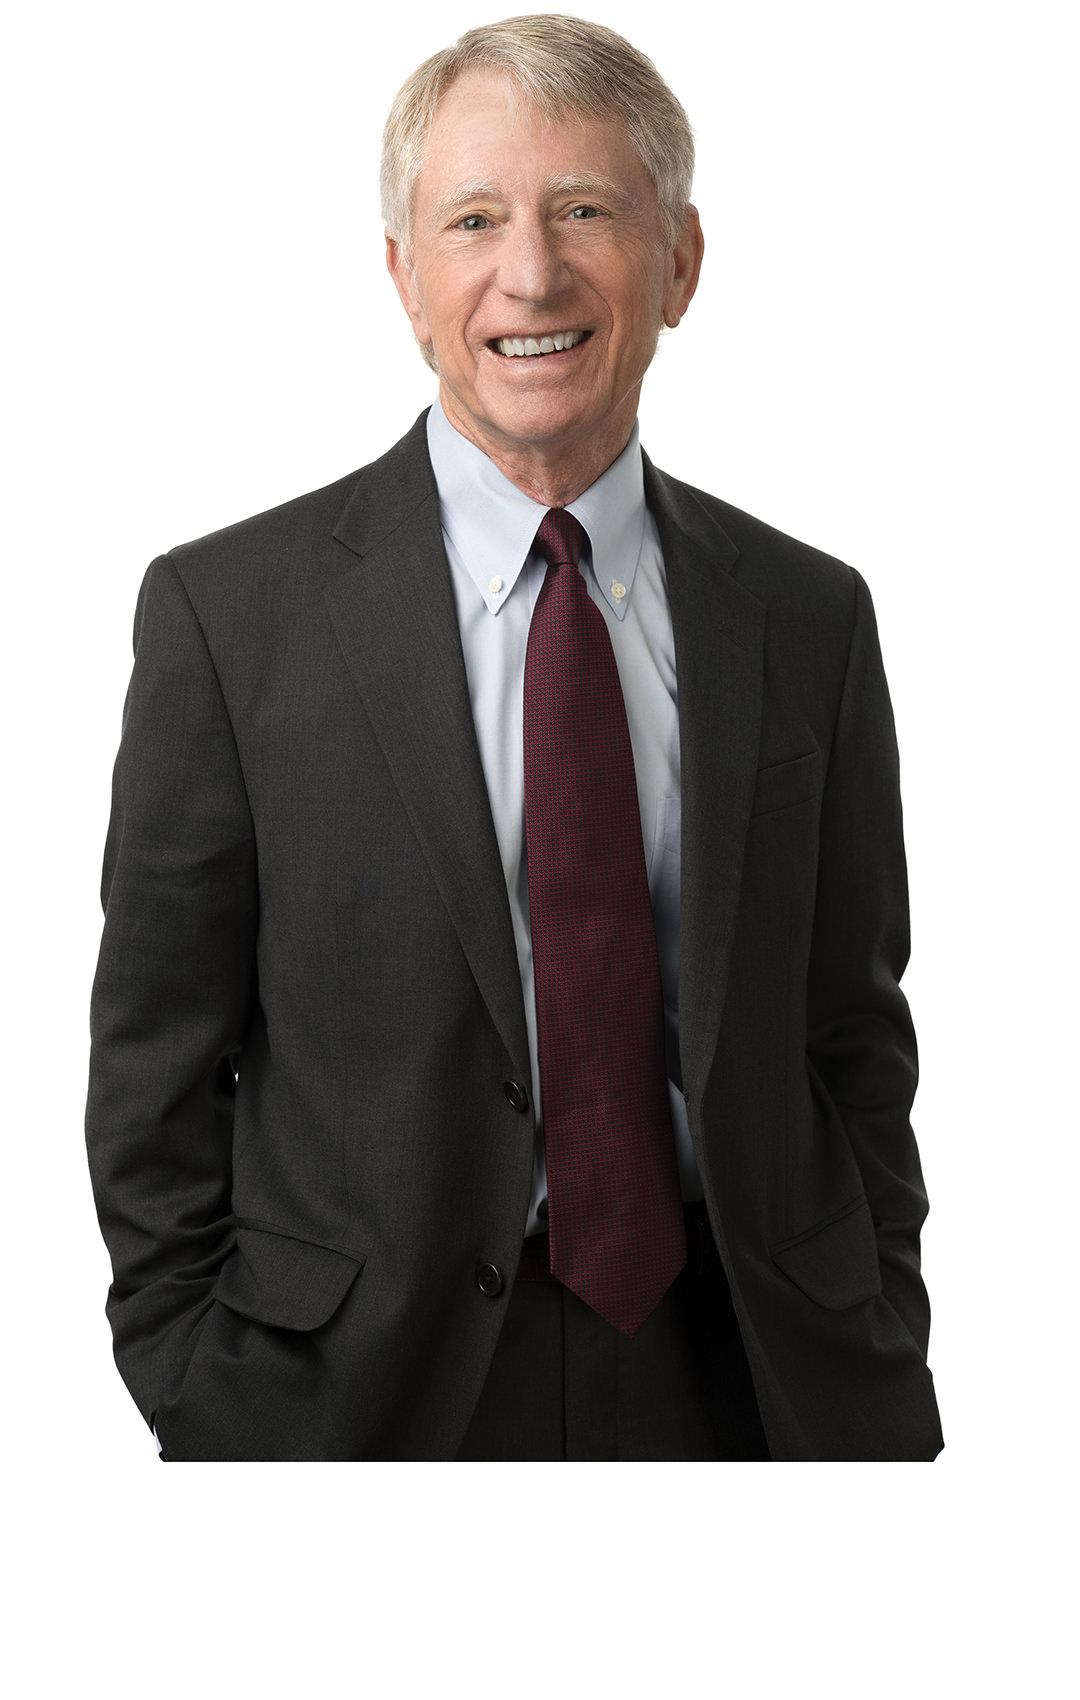 Michael T. Cole